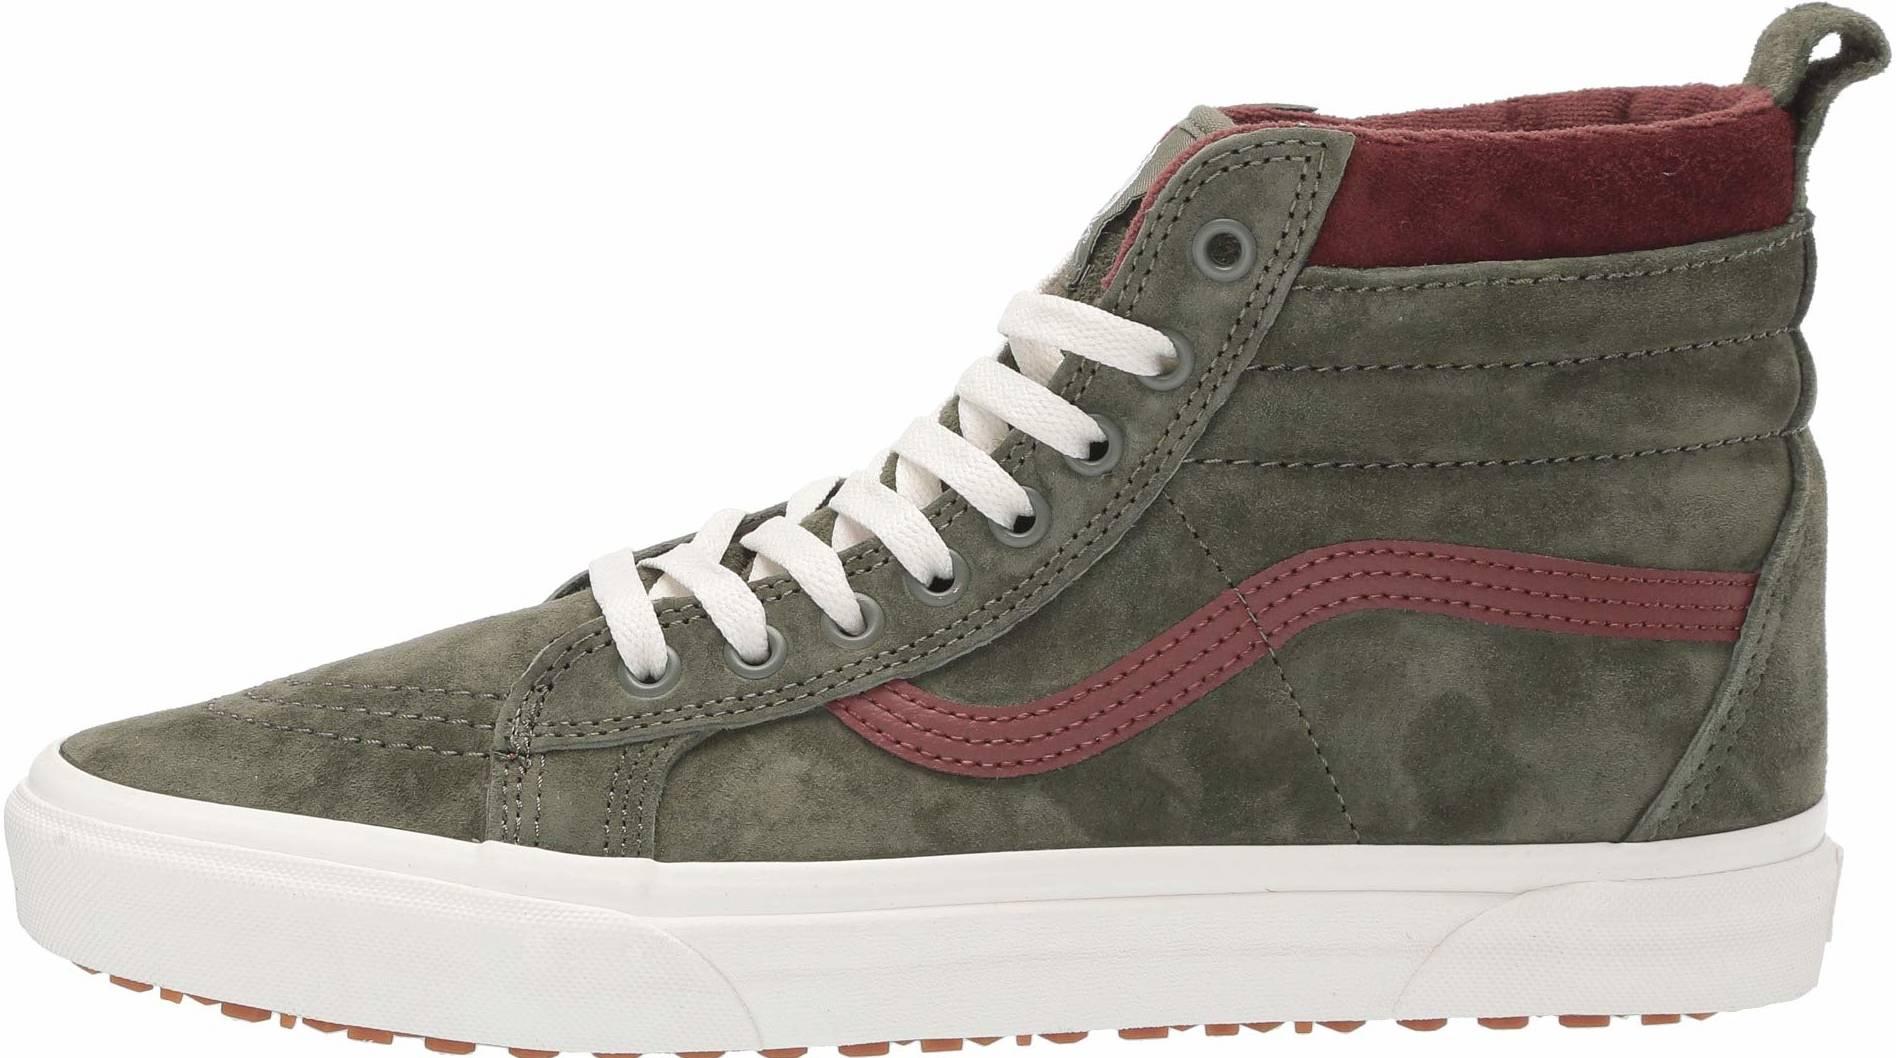 Save 17% on Green Vans Sneakers (22